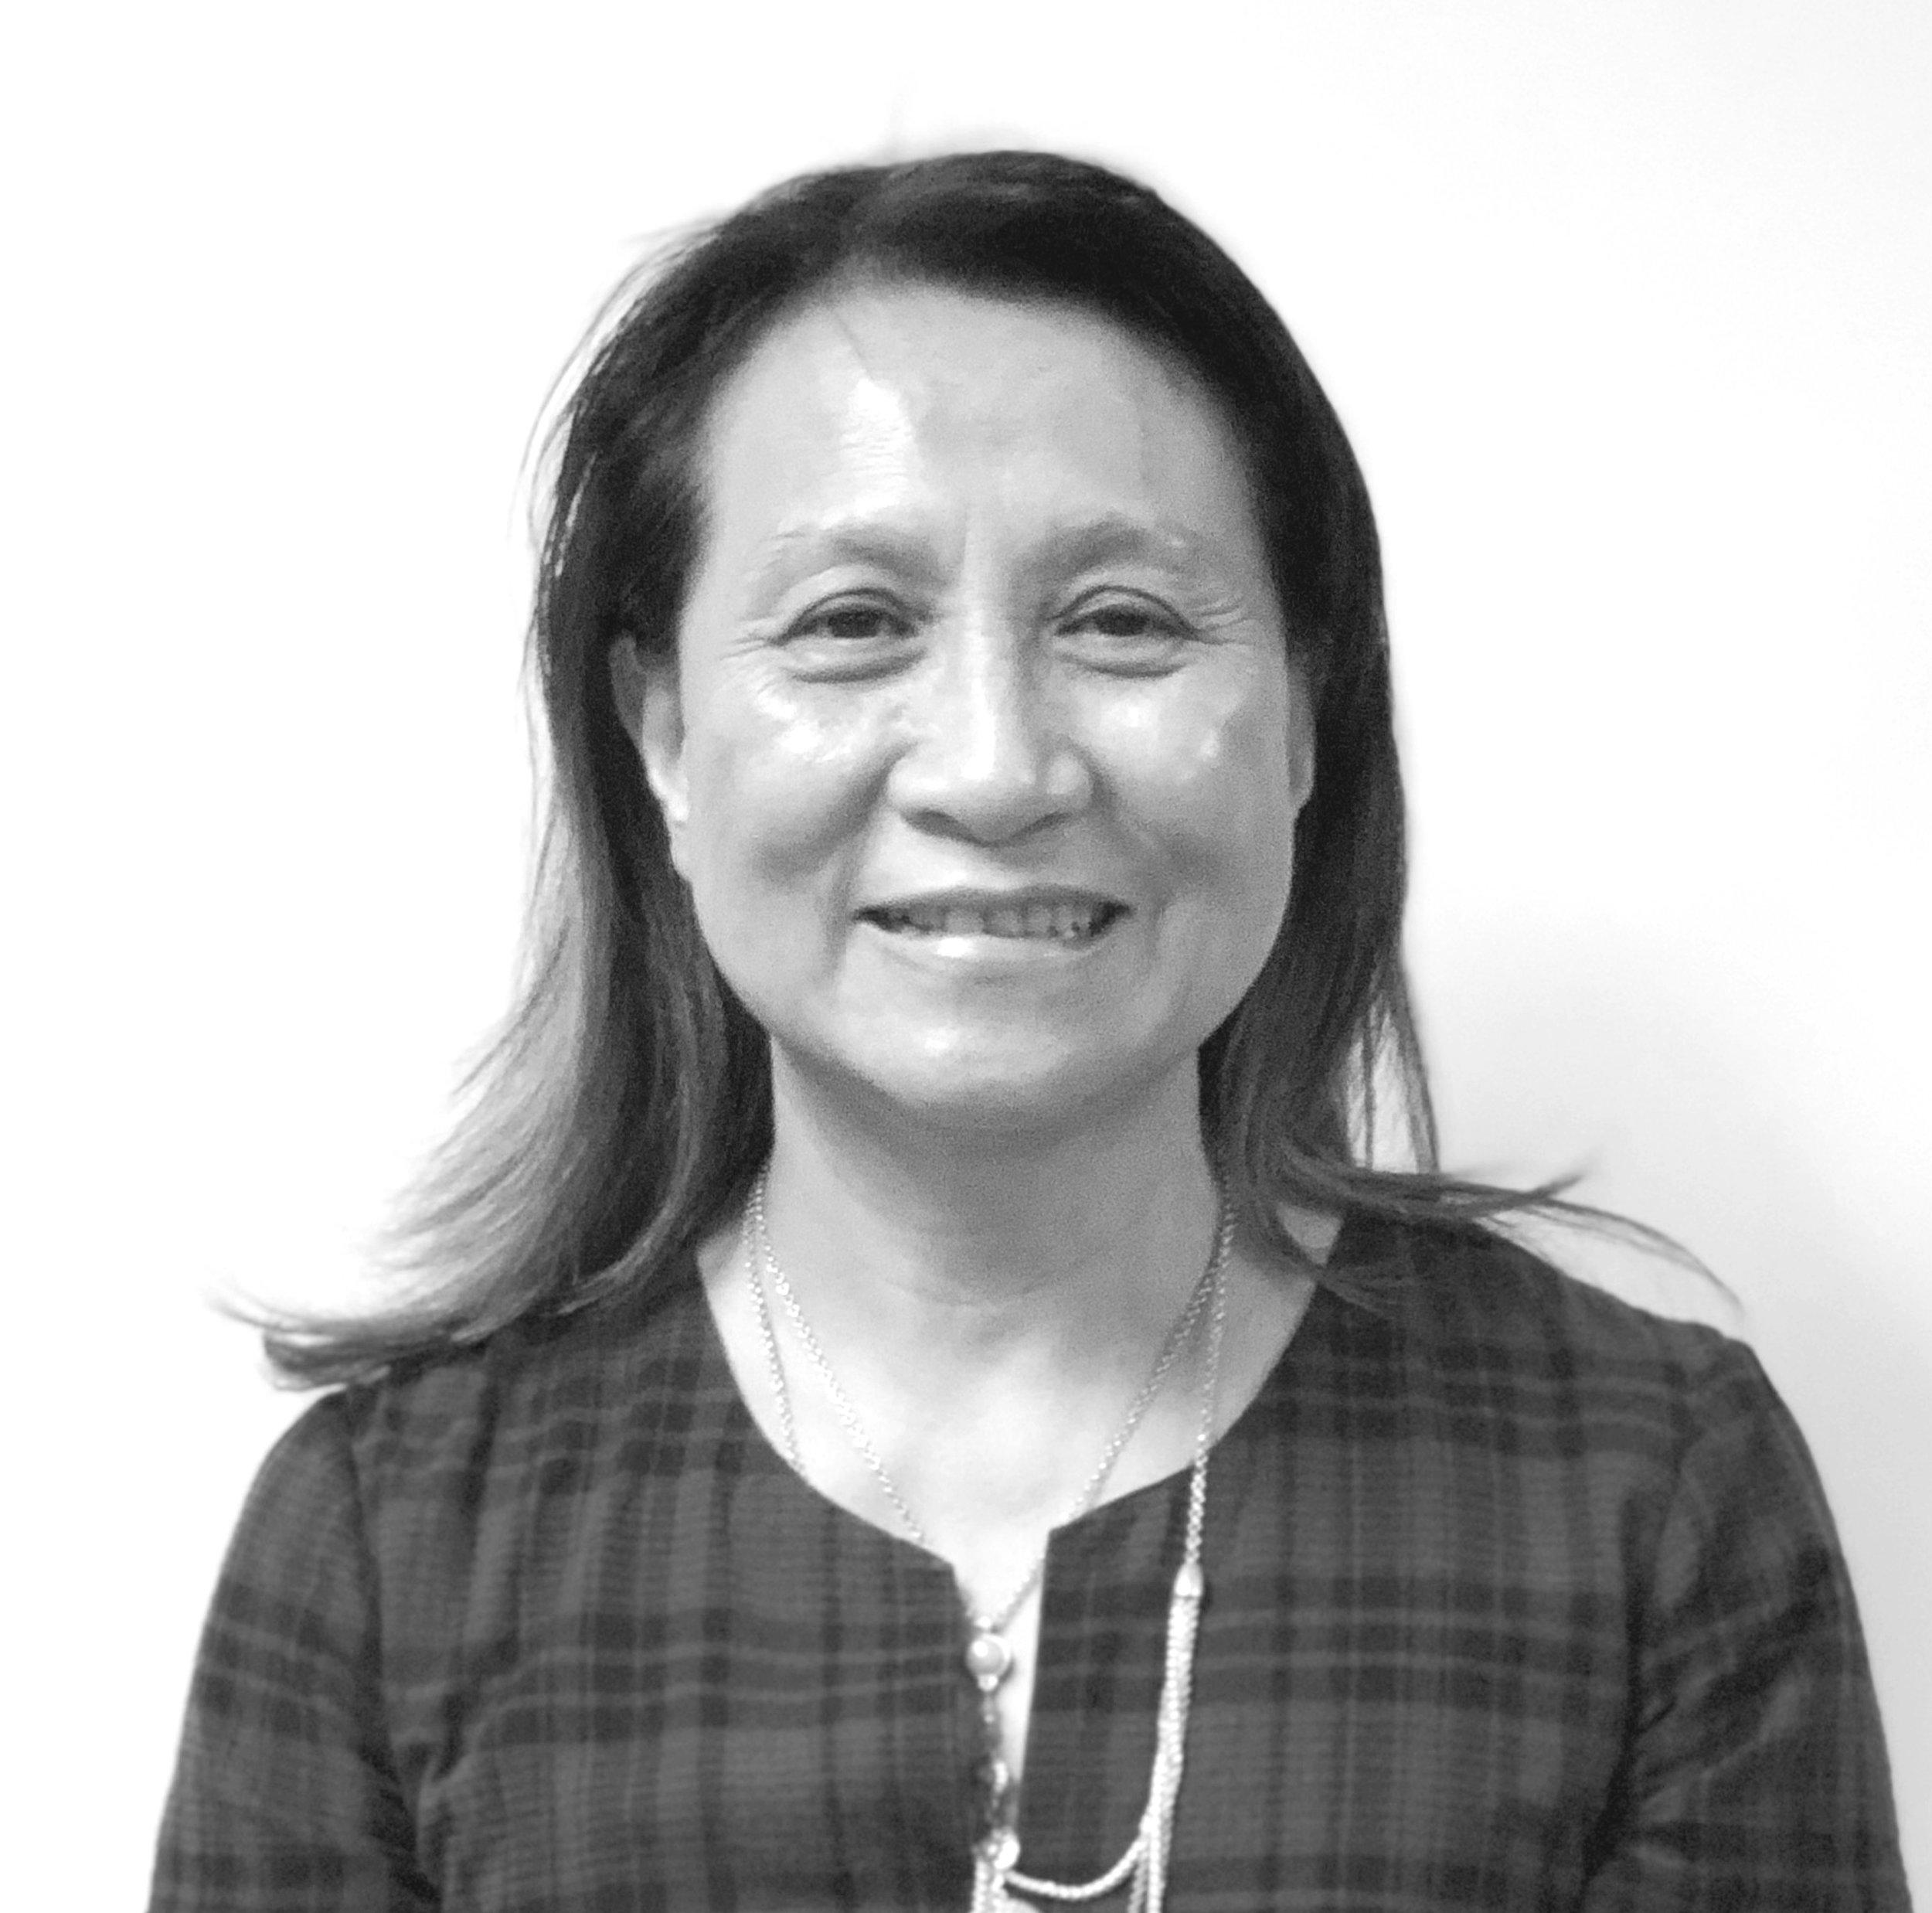 Veronica Wong